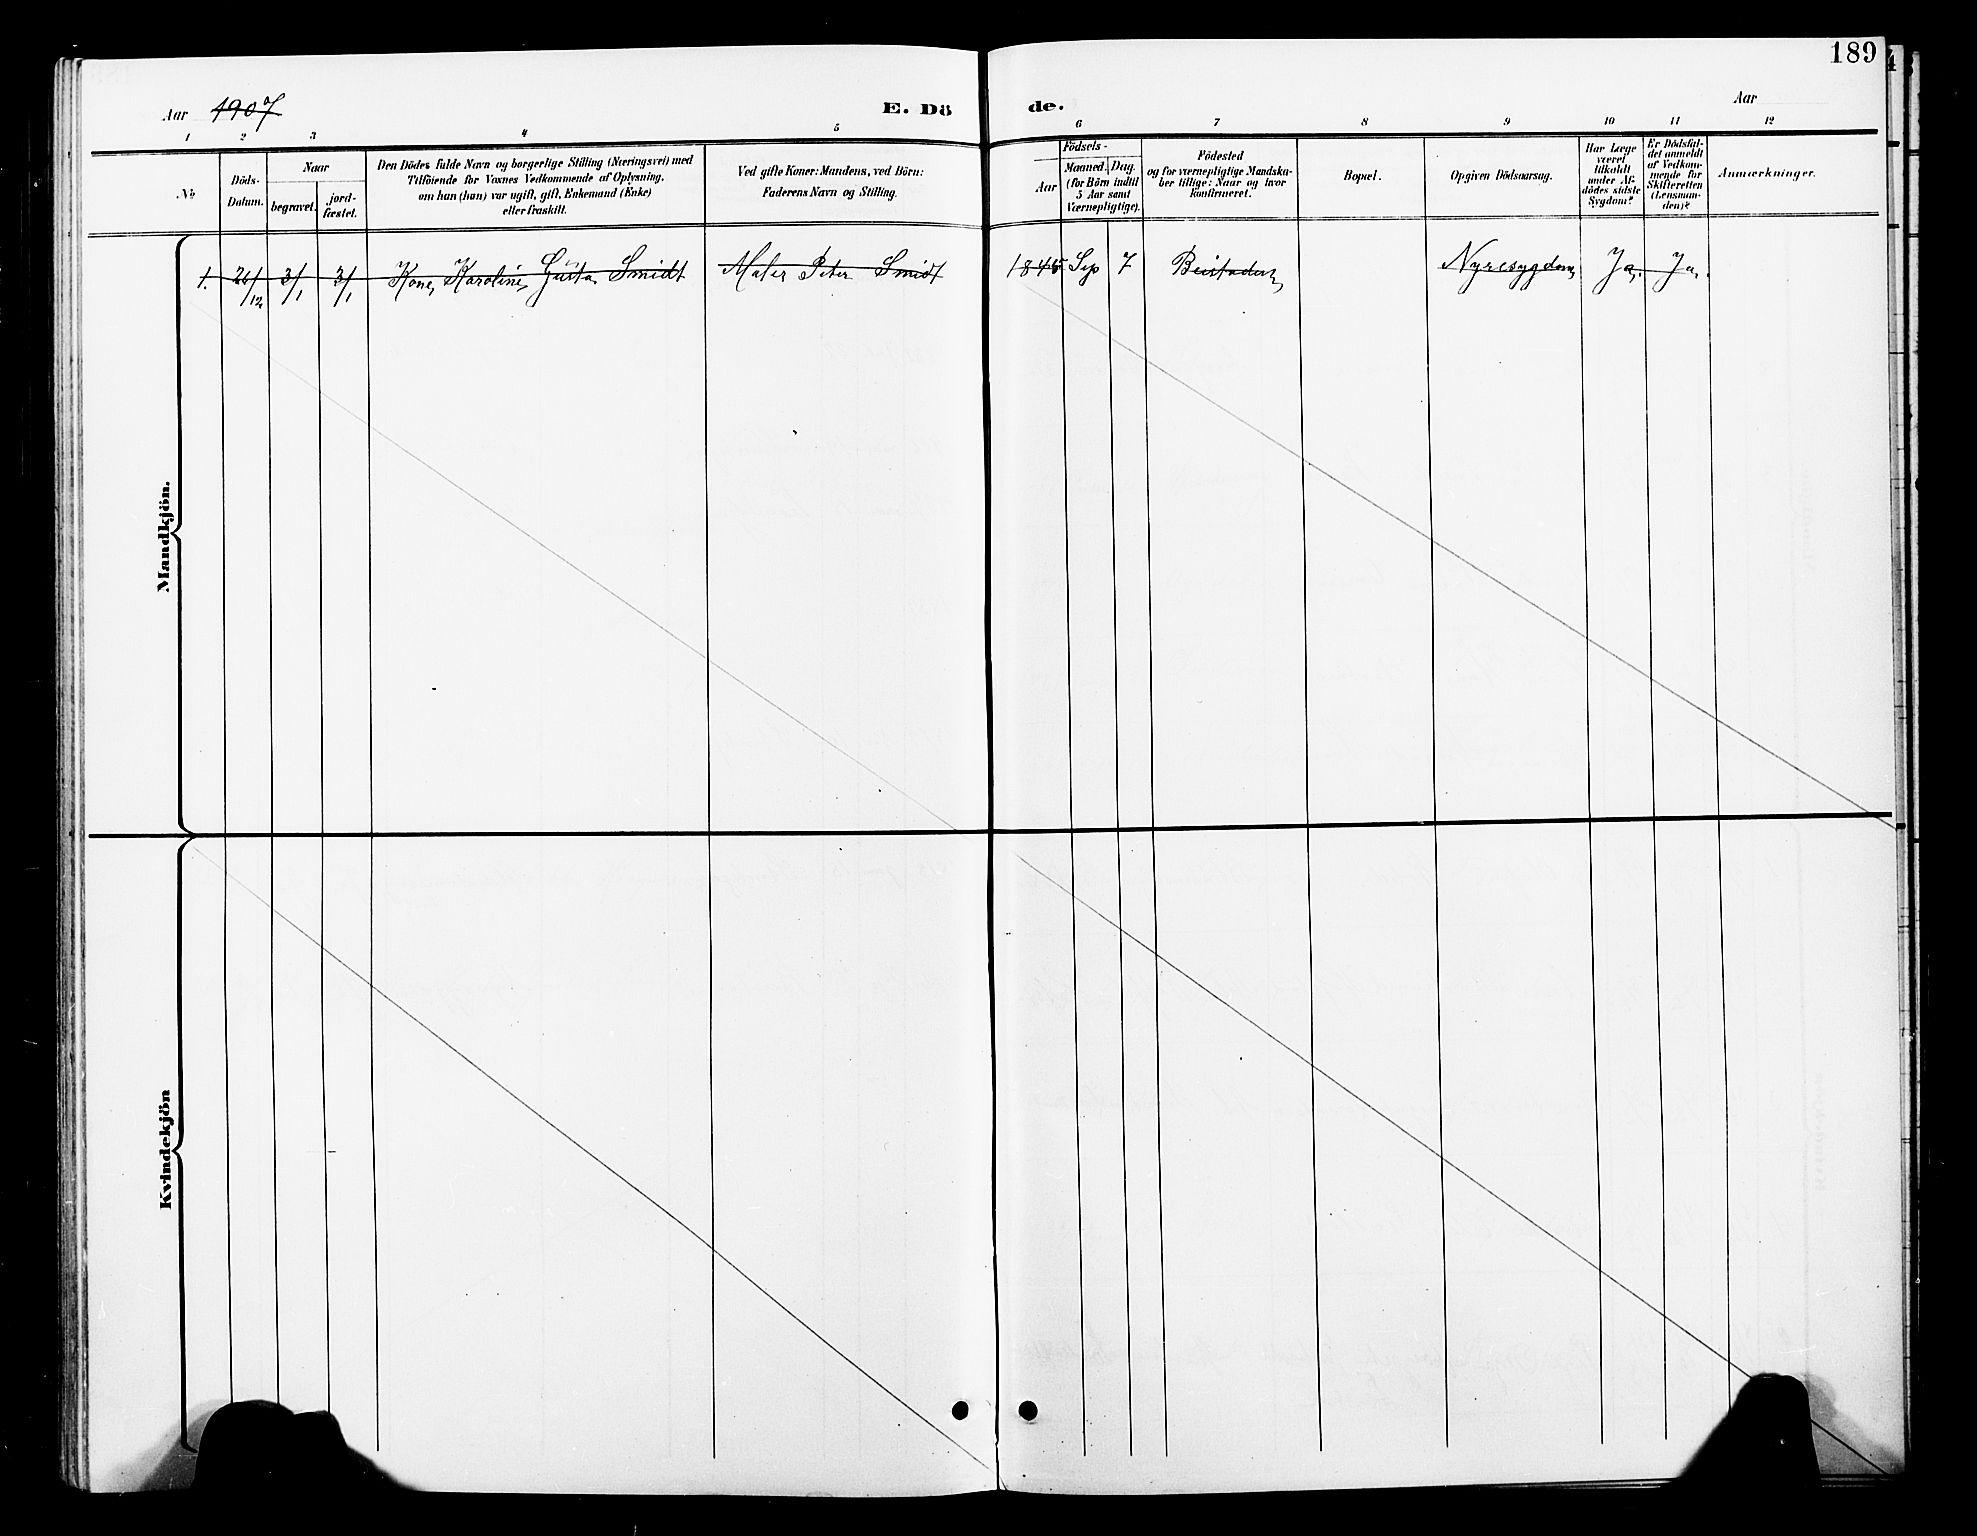 SAT, Ministerialprotokoller, klokkerbøker og fødselsregistre - Nord-Trøndelag, 739/L0375: Klokkerbok nr. 739C03, 1898-1908, s. 189